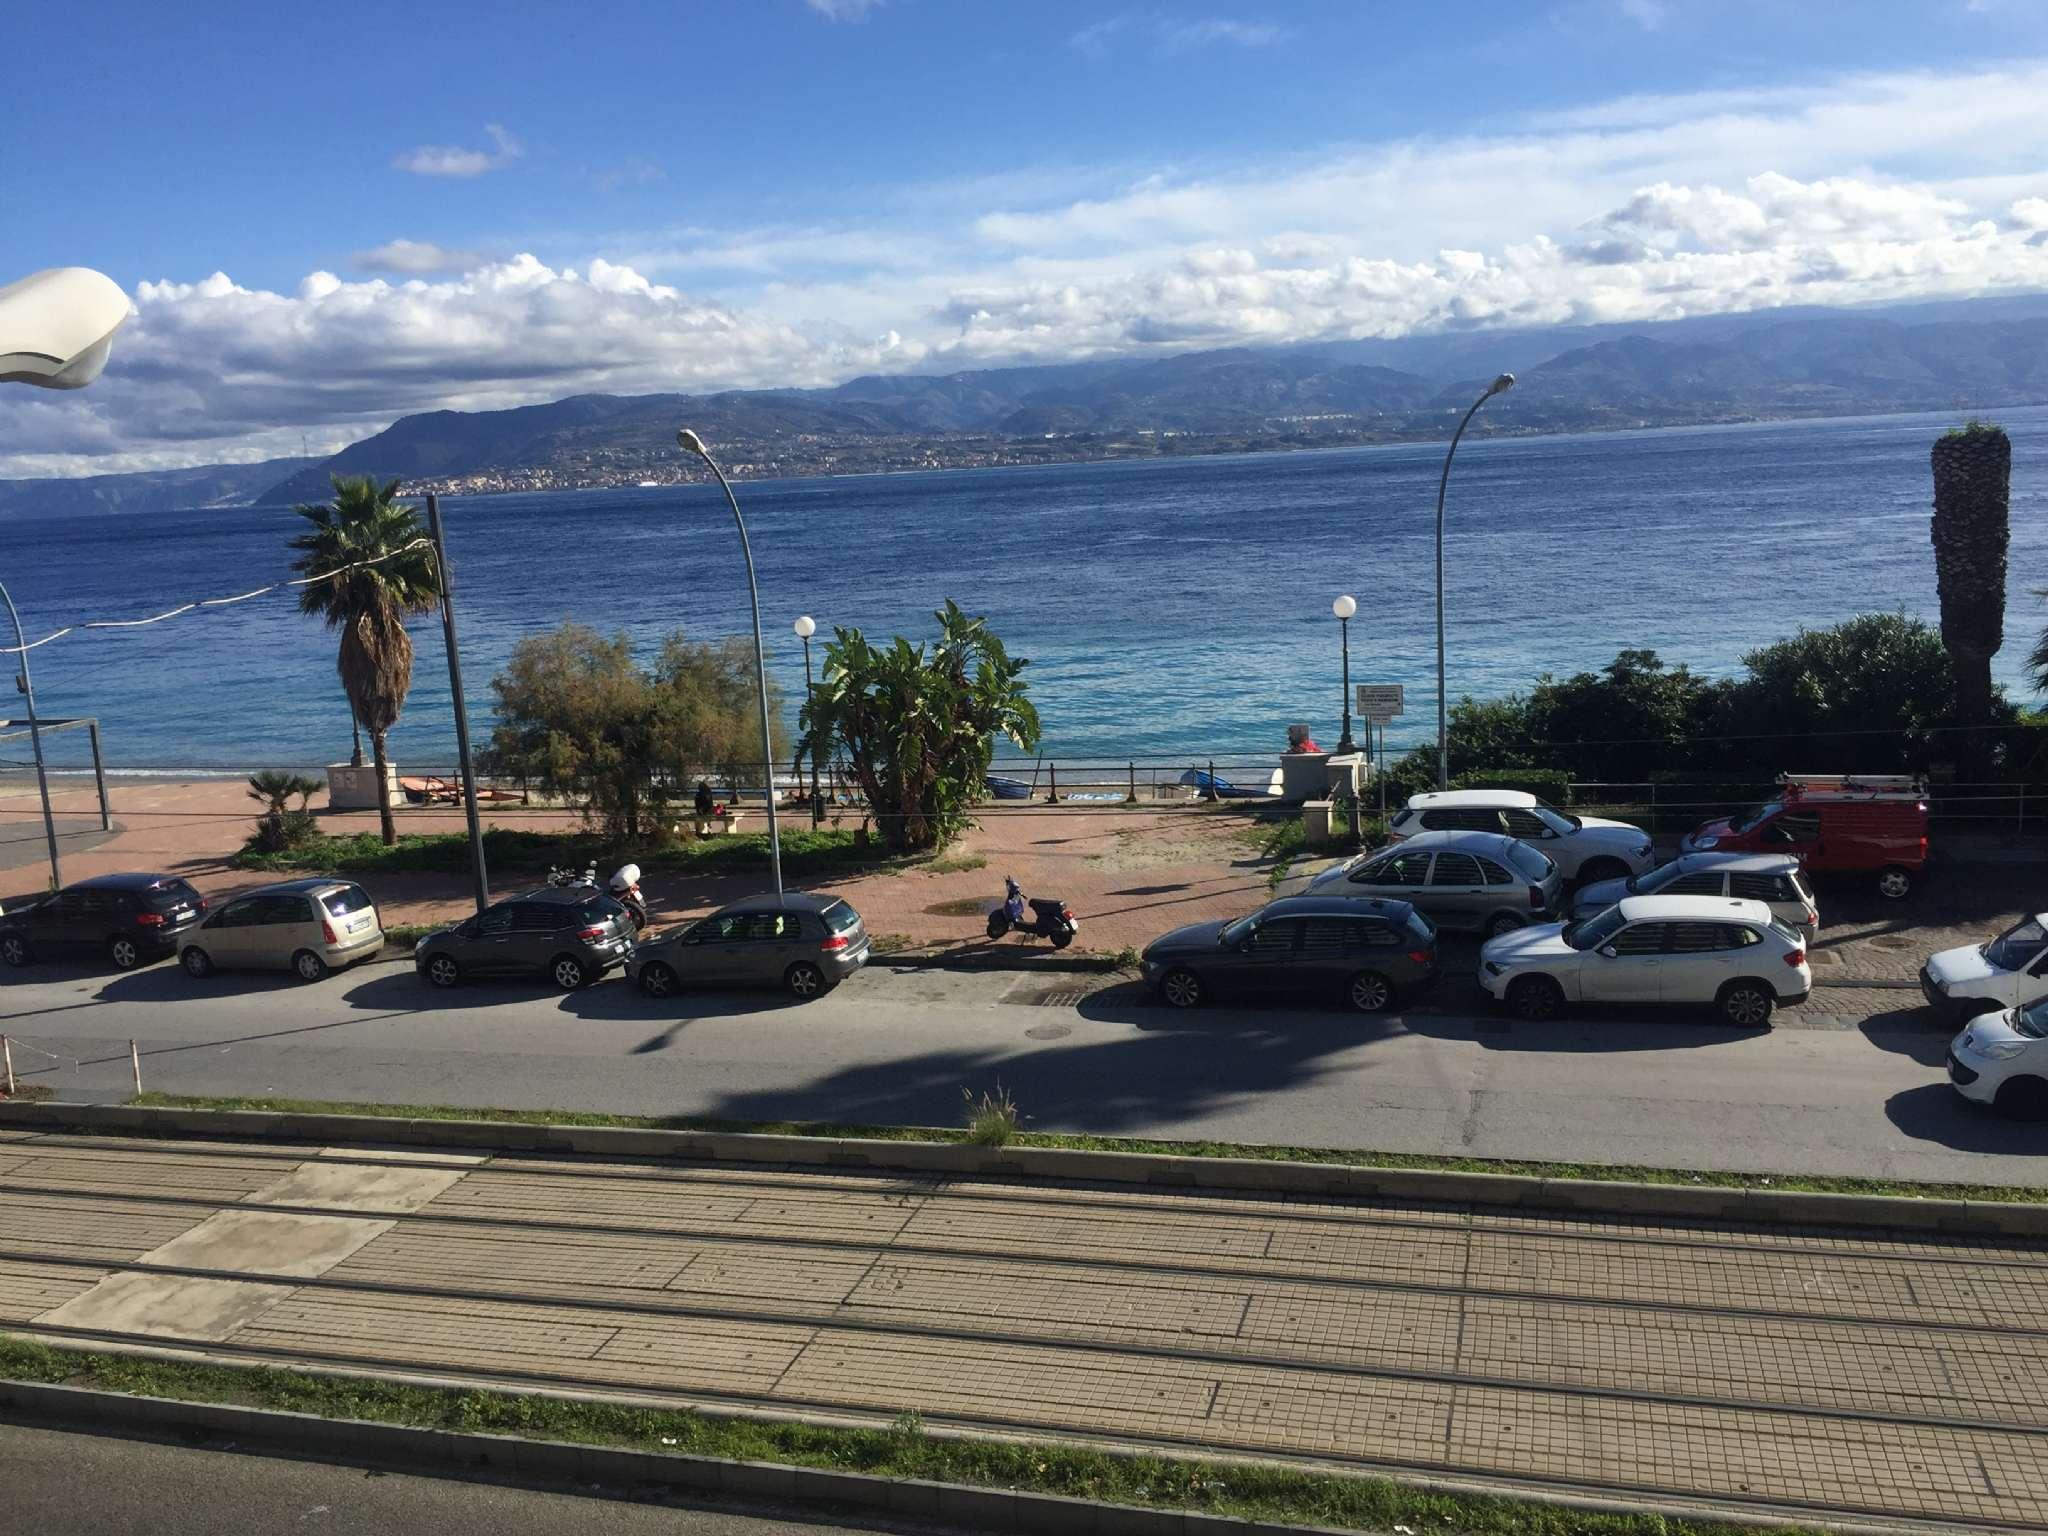 Appartamento in vendita a Messina, 7 locali, prezzo € 385.000 | CambioCasa.it